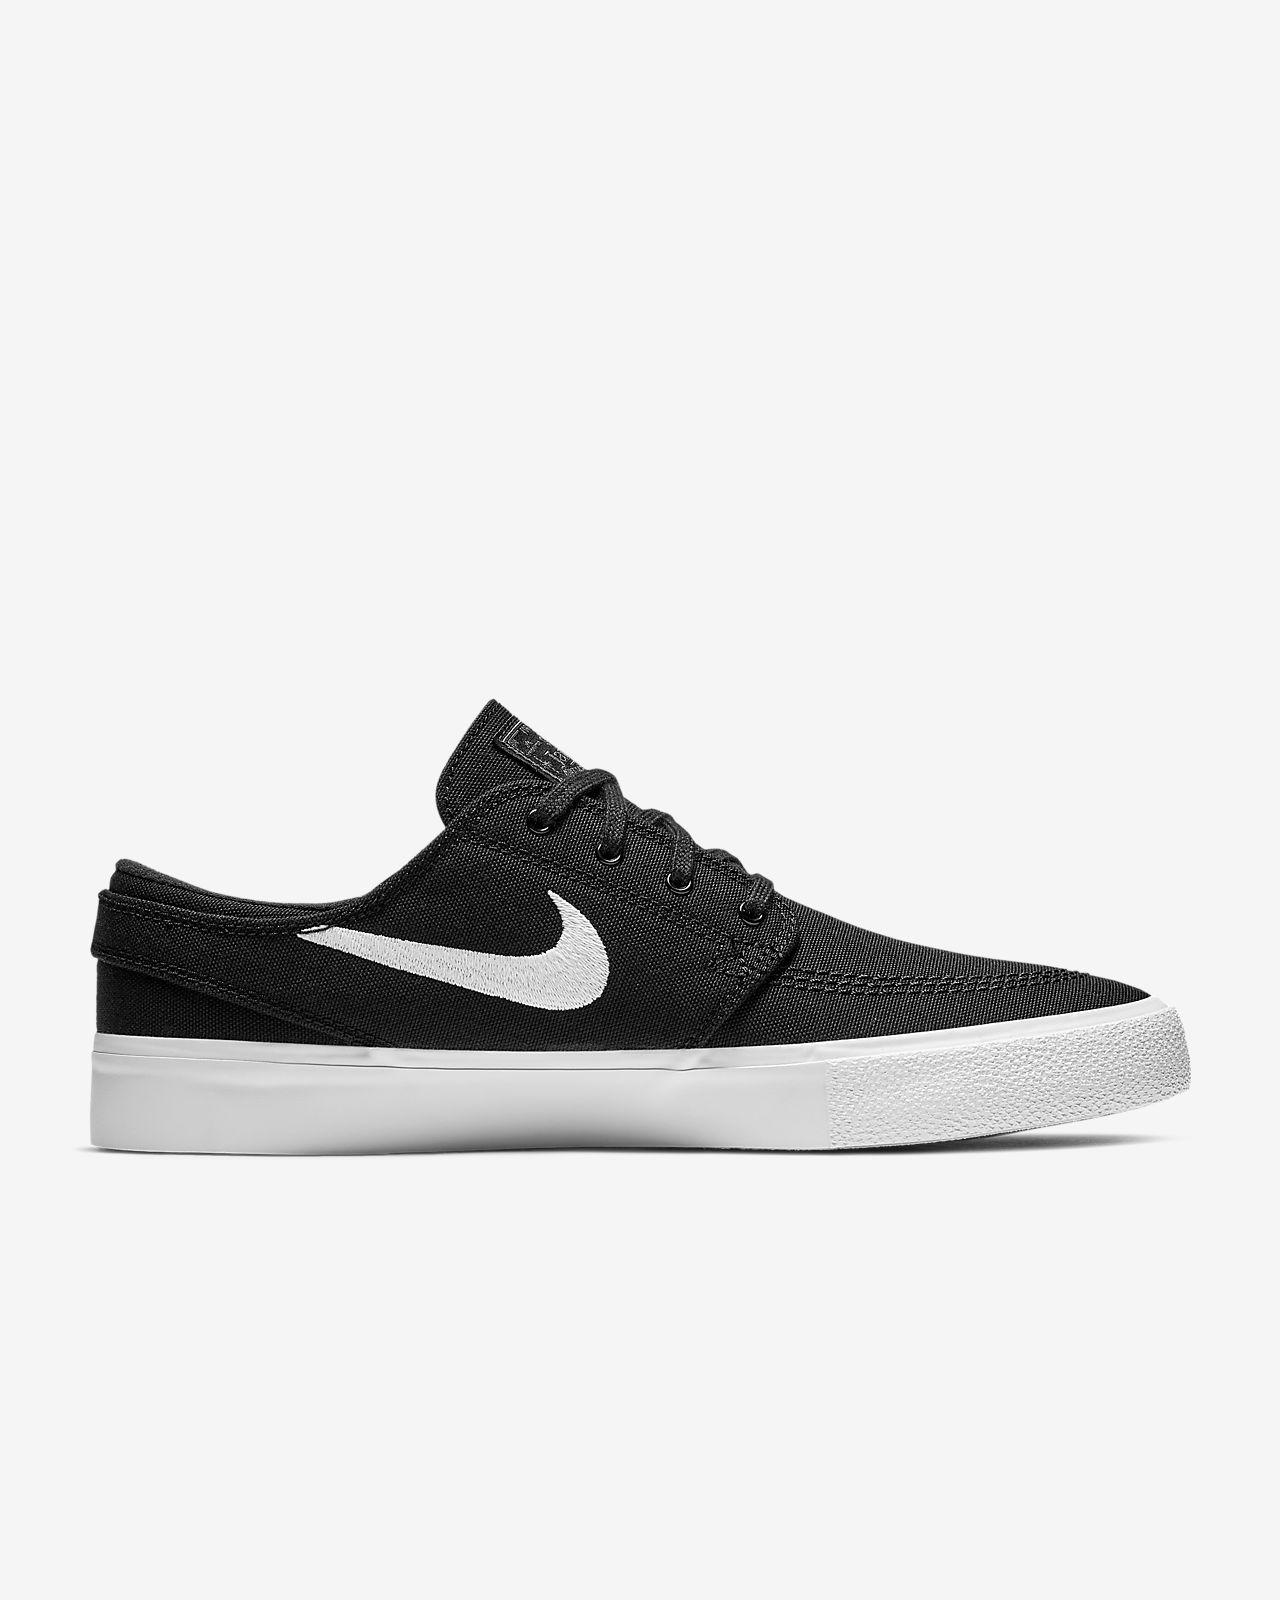 Archive   Nike SB Zoom Stefan Janoski Canvas   Sneakerhead